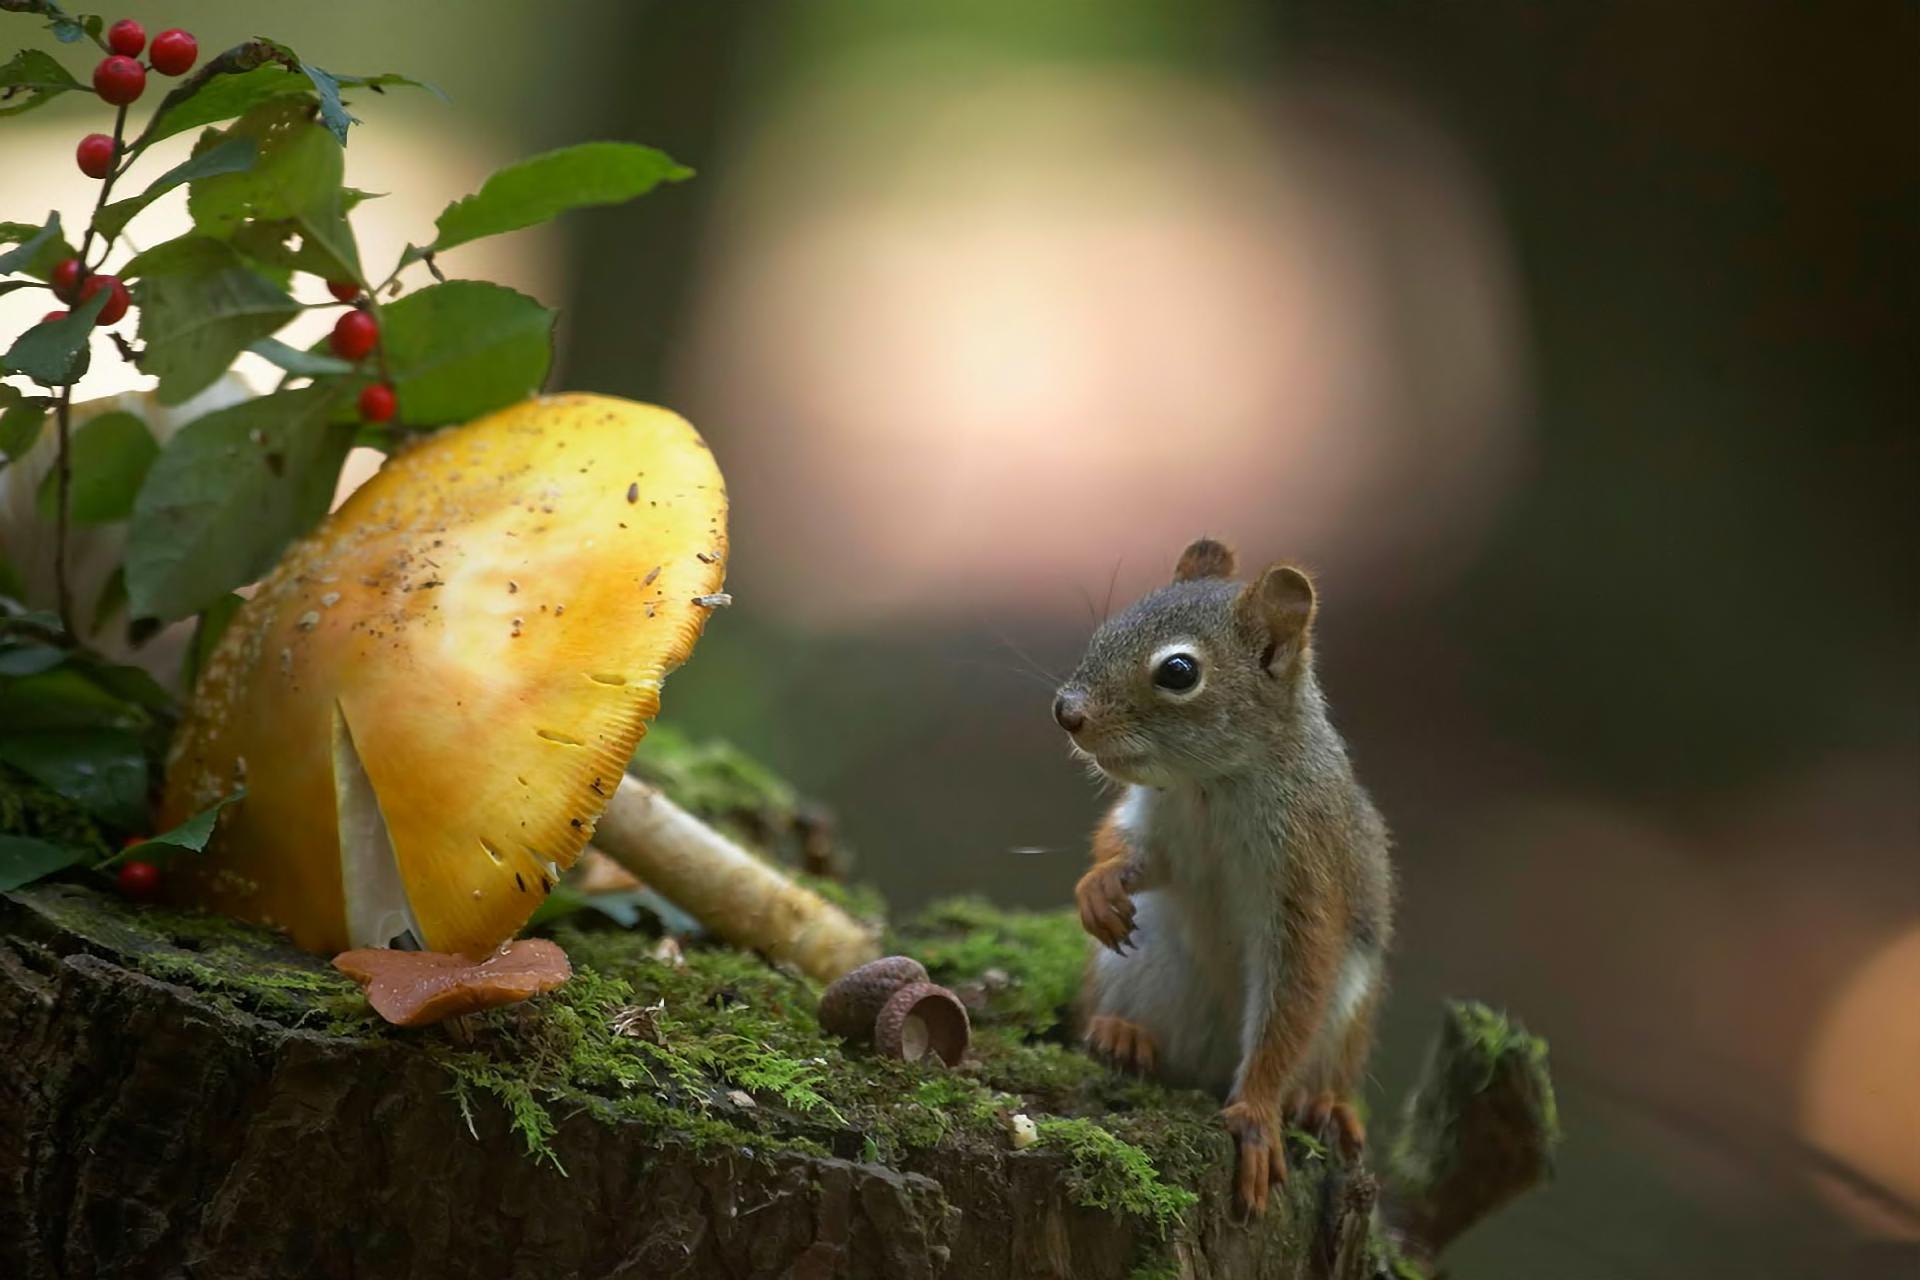 Immagine Scoiattoli fungi Muschio Animali scoiattolo I muschi Funghi natura animale